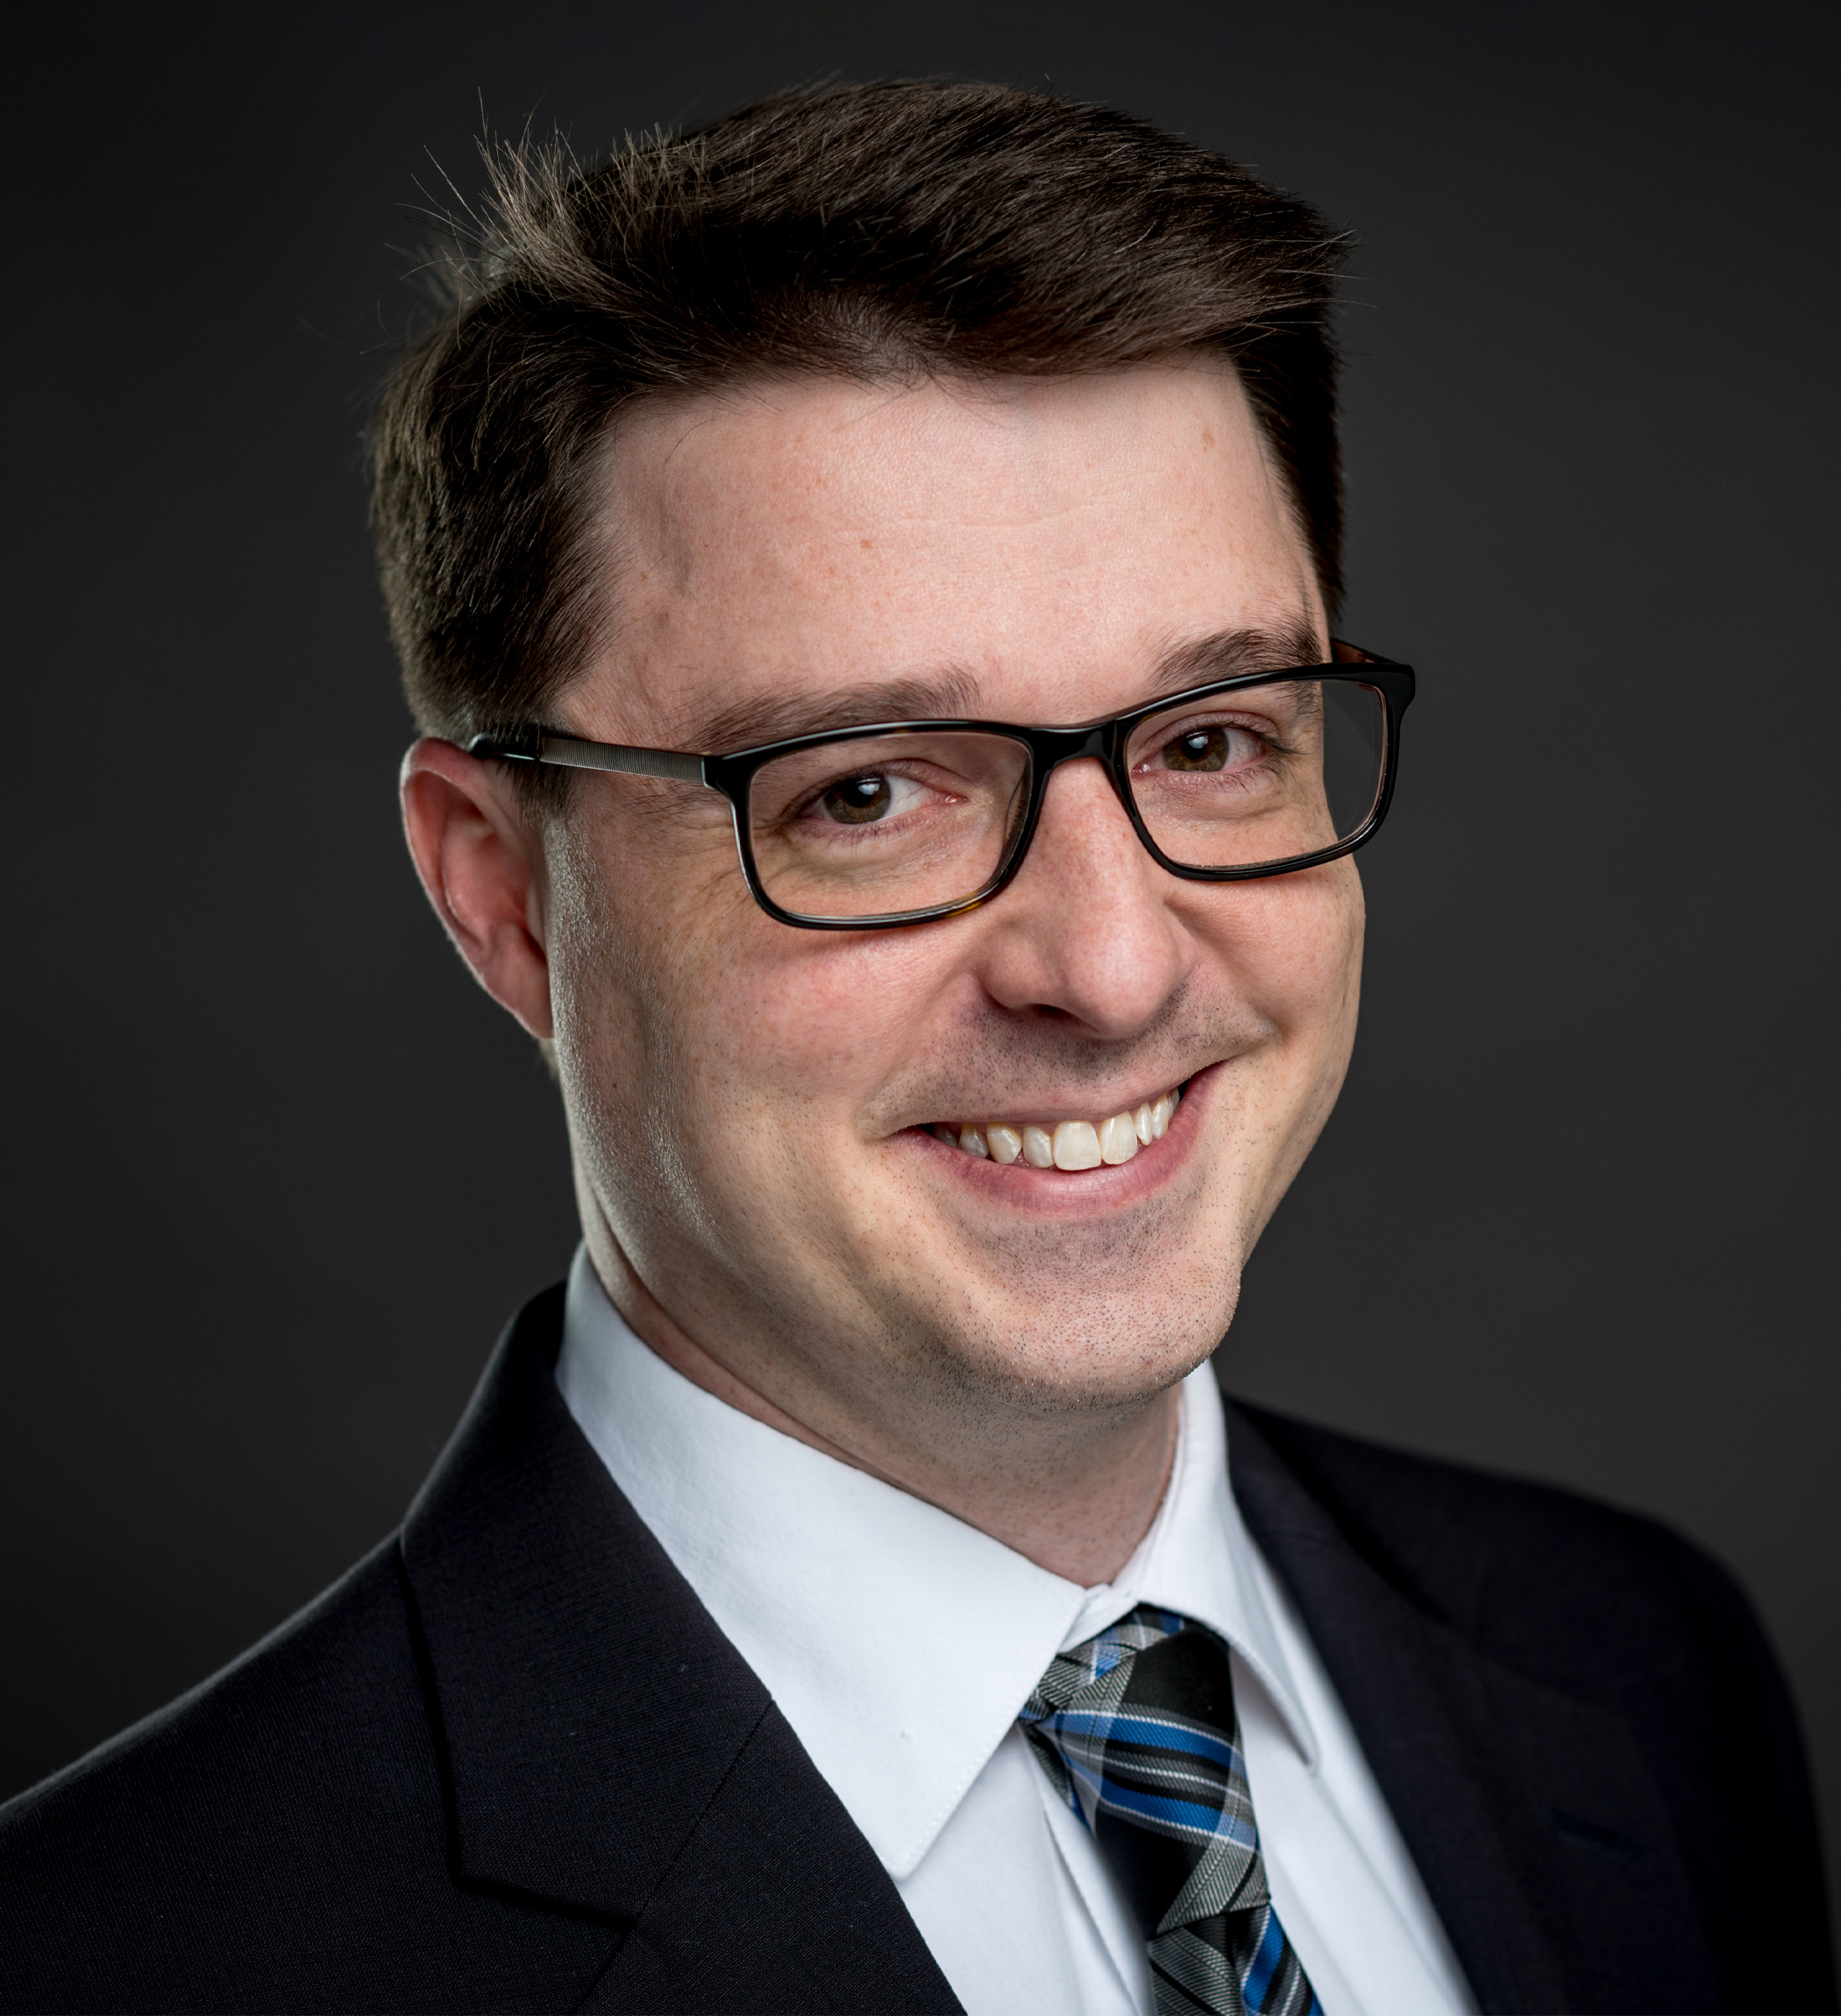 Tim Mitchell Headshot   Dakota Investments